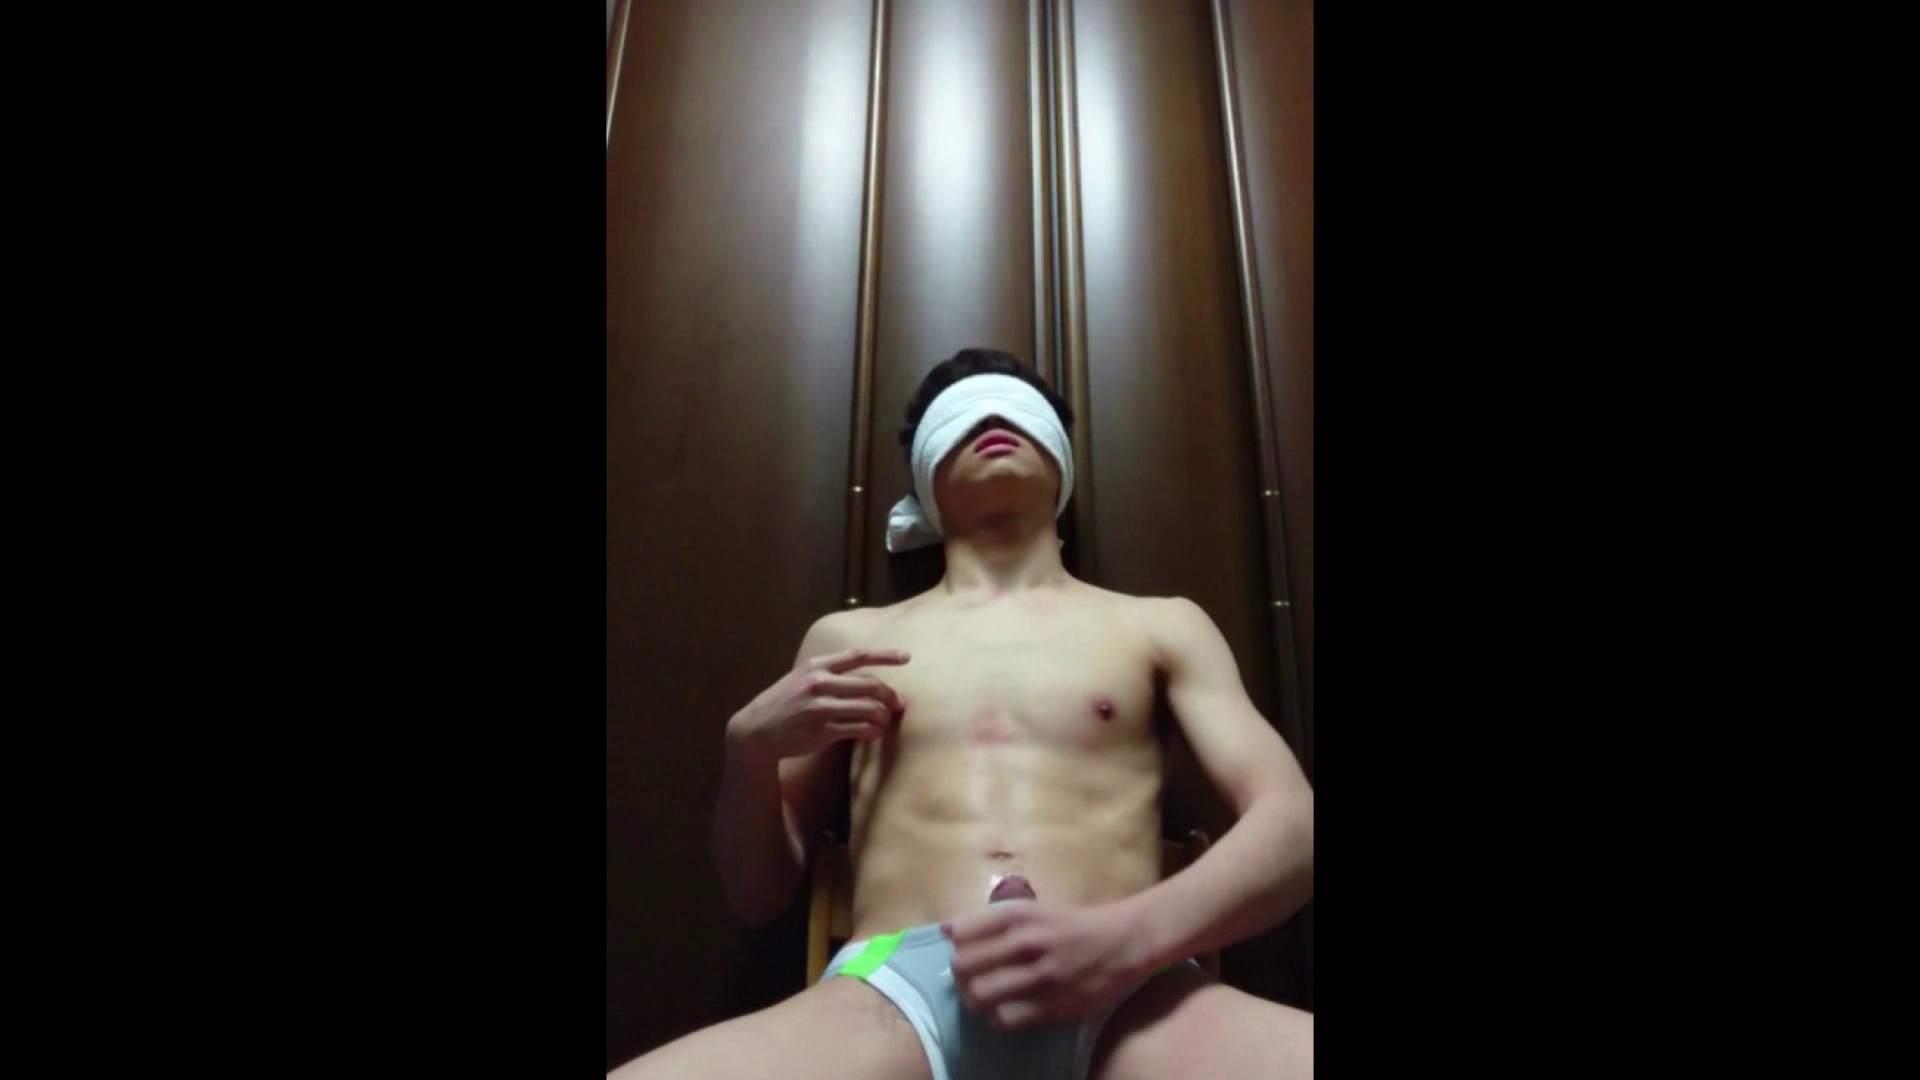 個人撮影 自慰の極意 Vol.21 オナニー  59pic 9